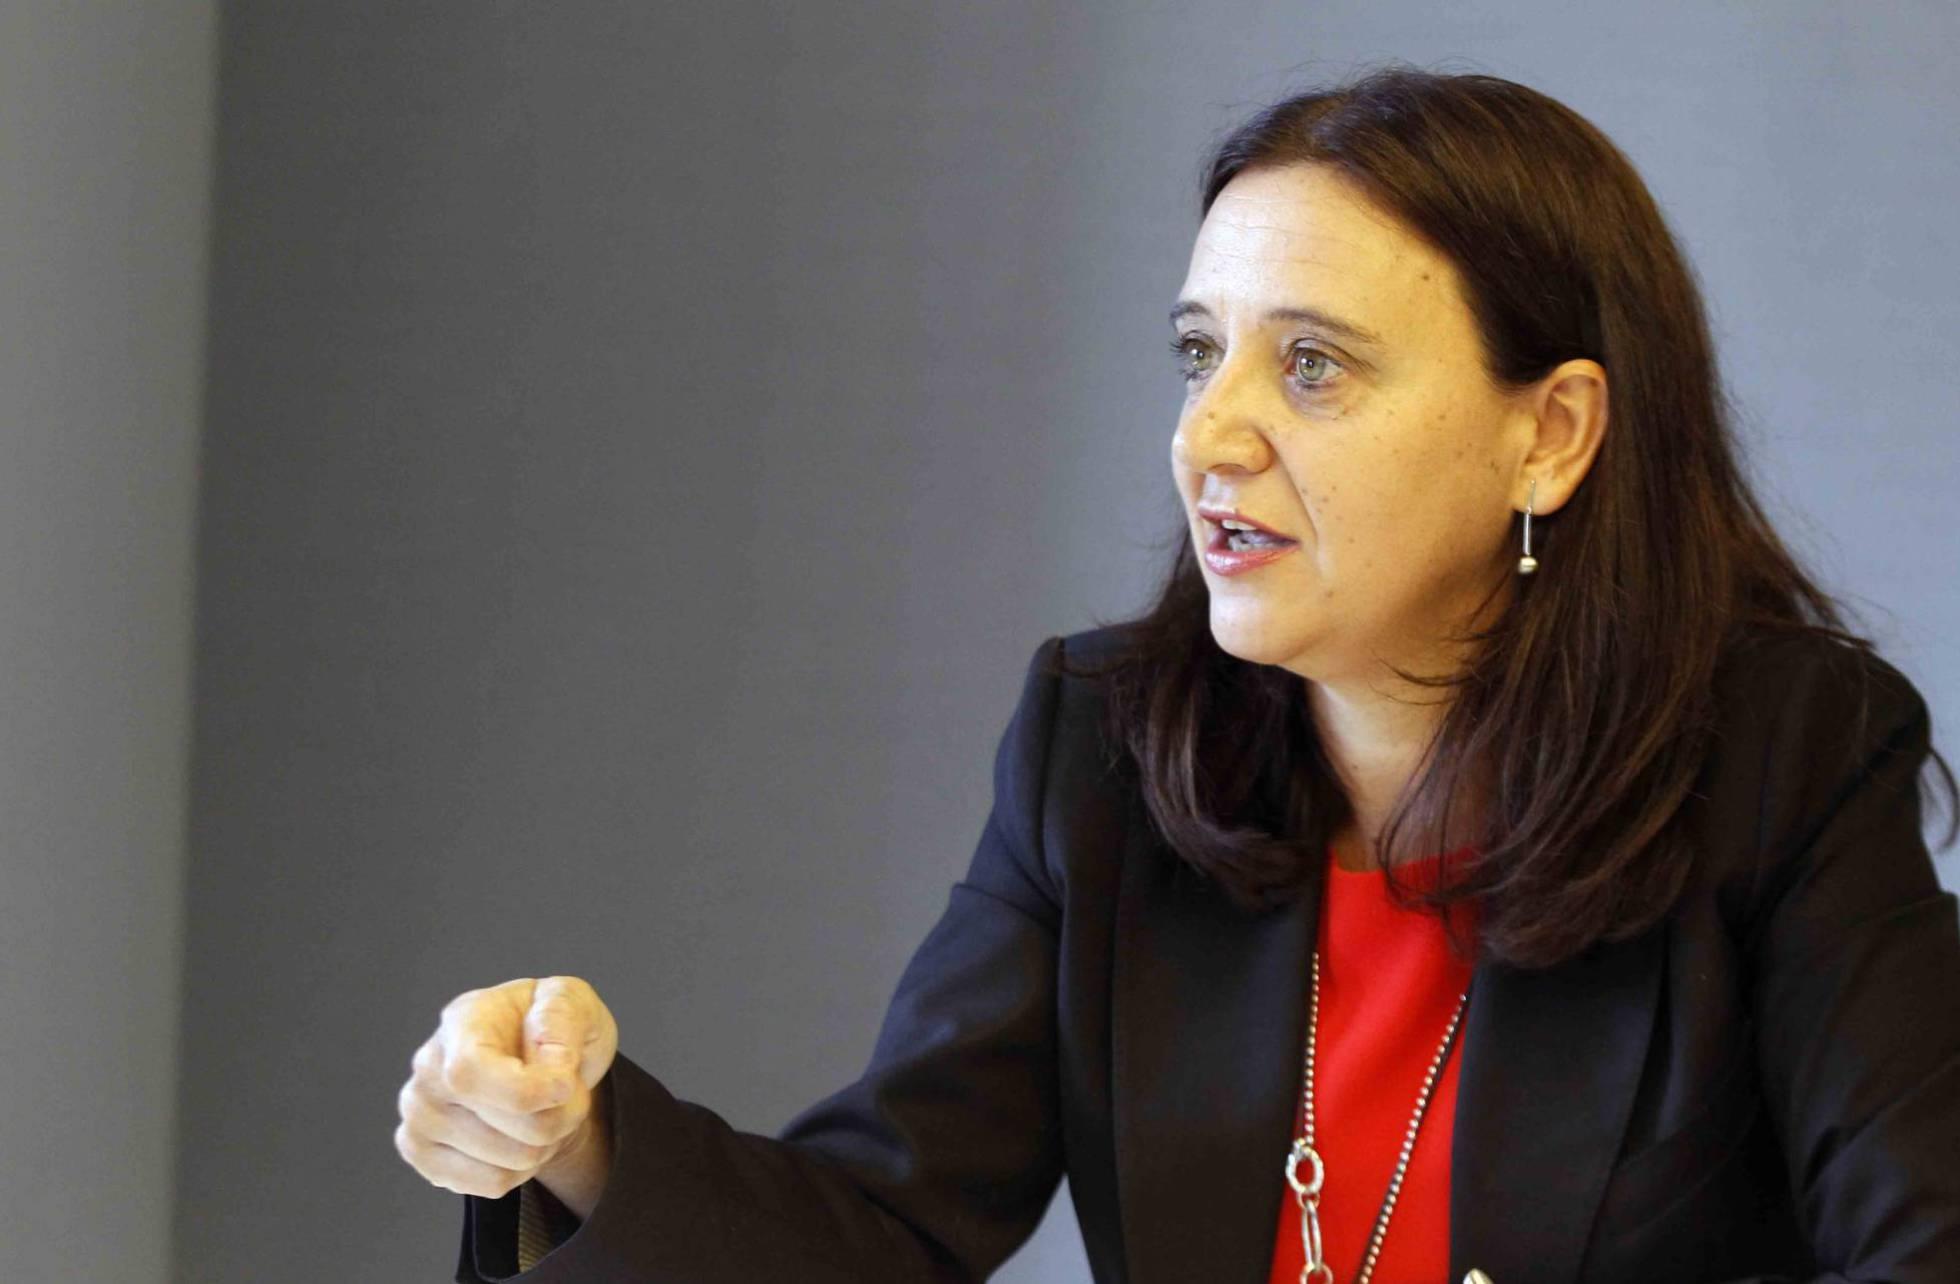 Broseta incrementó su cifra de negocio un 32% en 2018